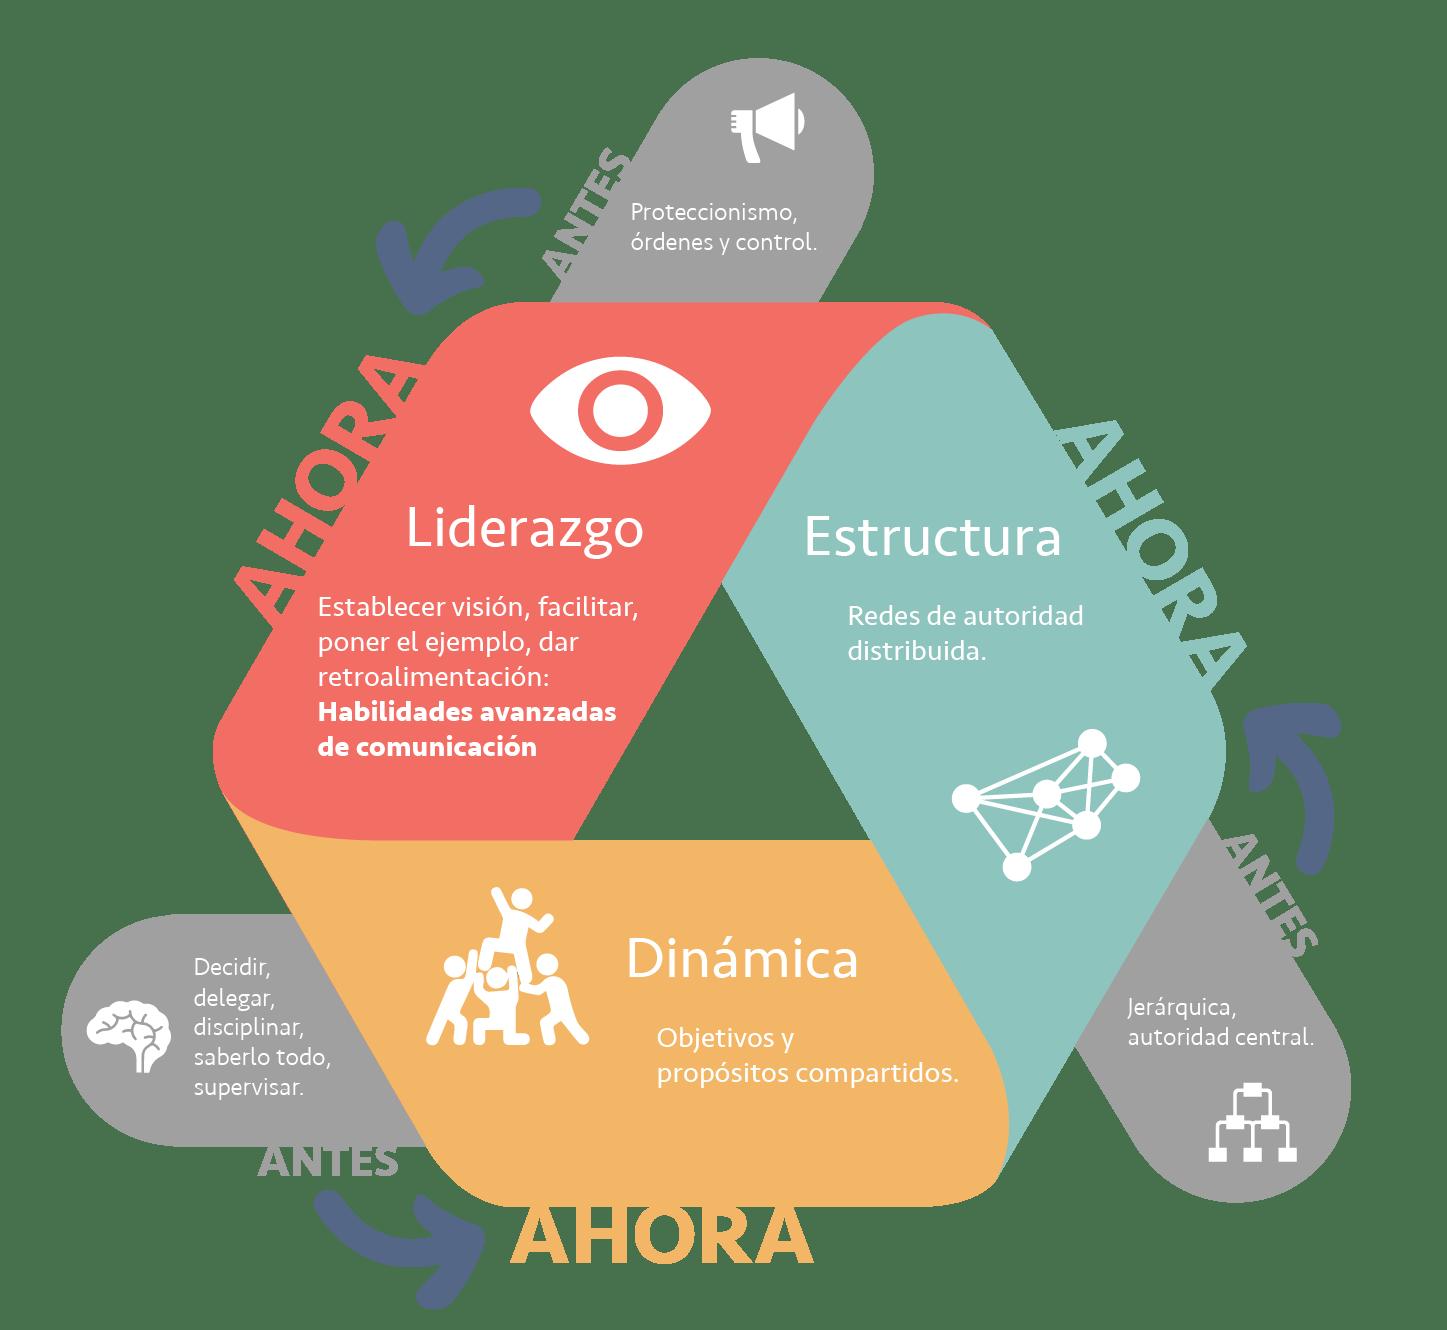 Nueva visión de liderazgo